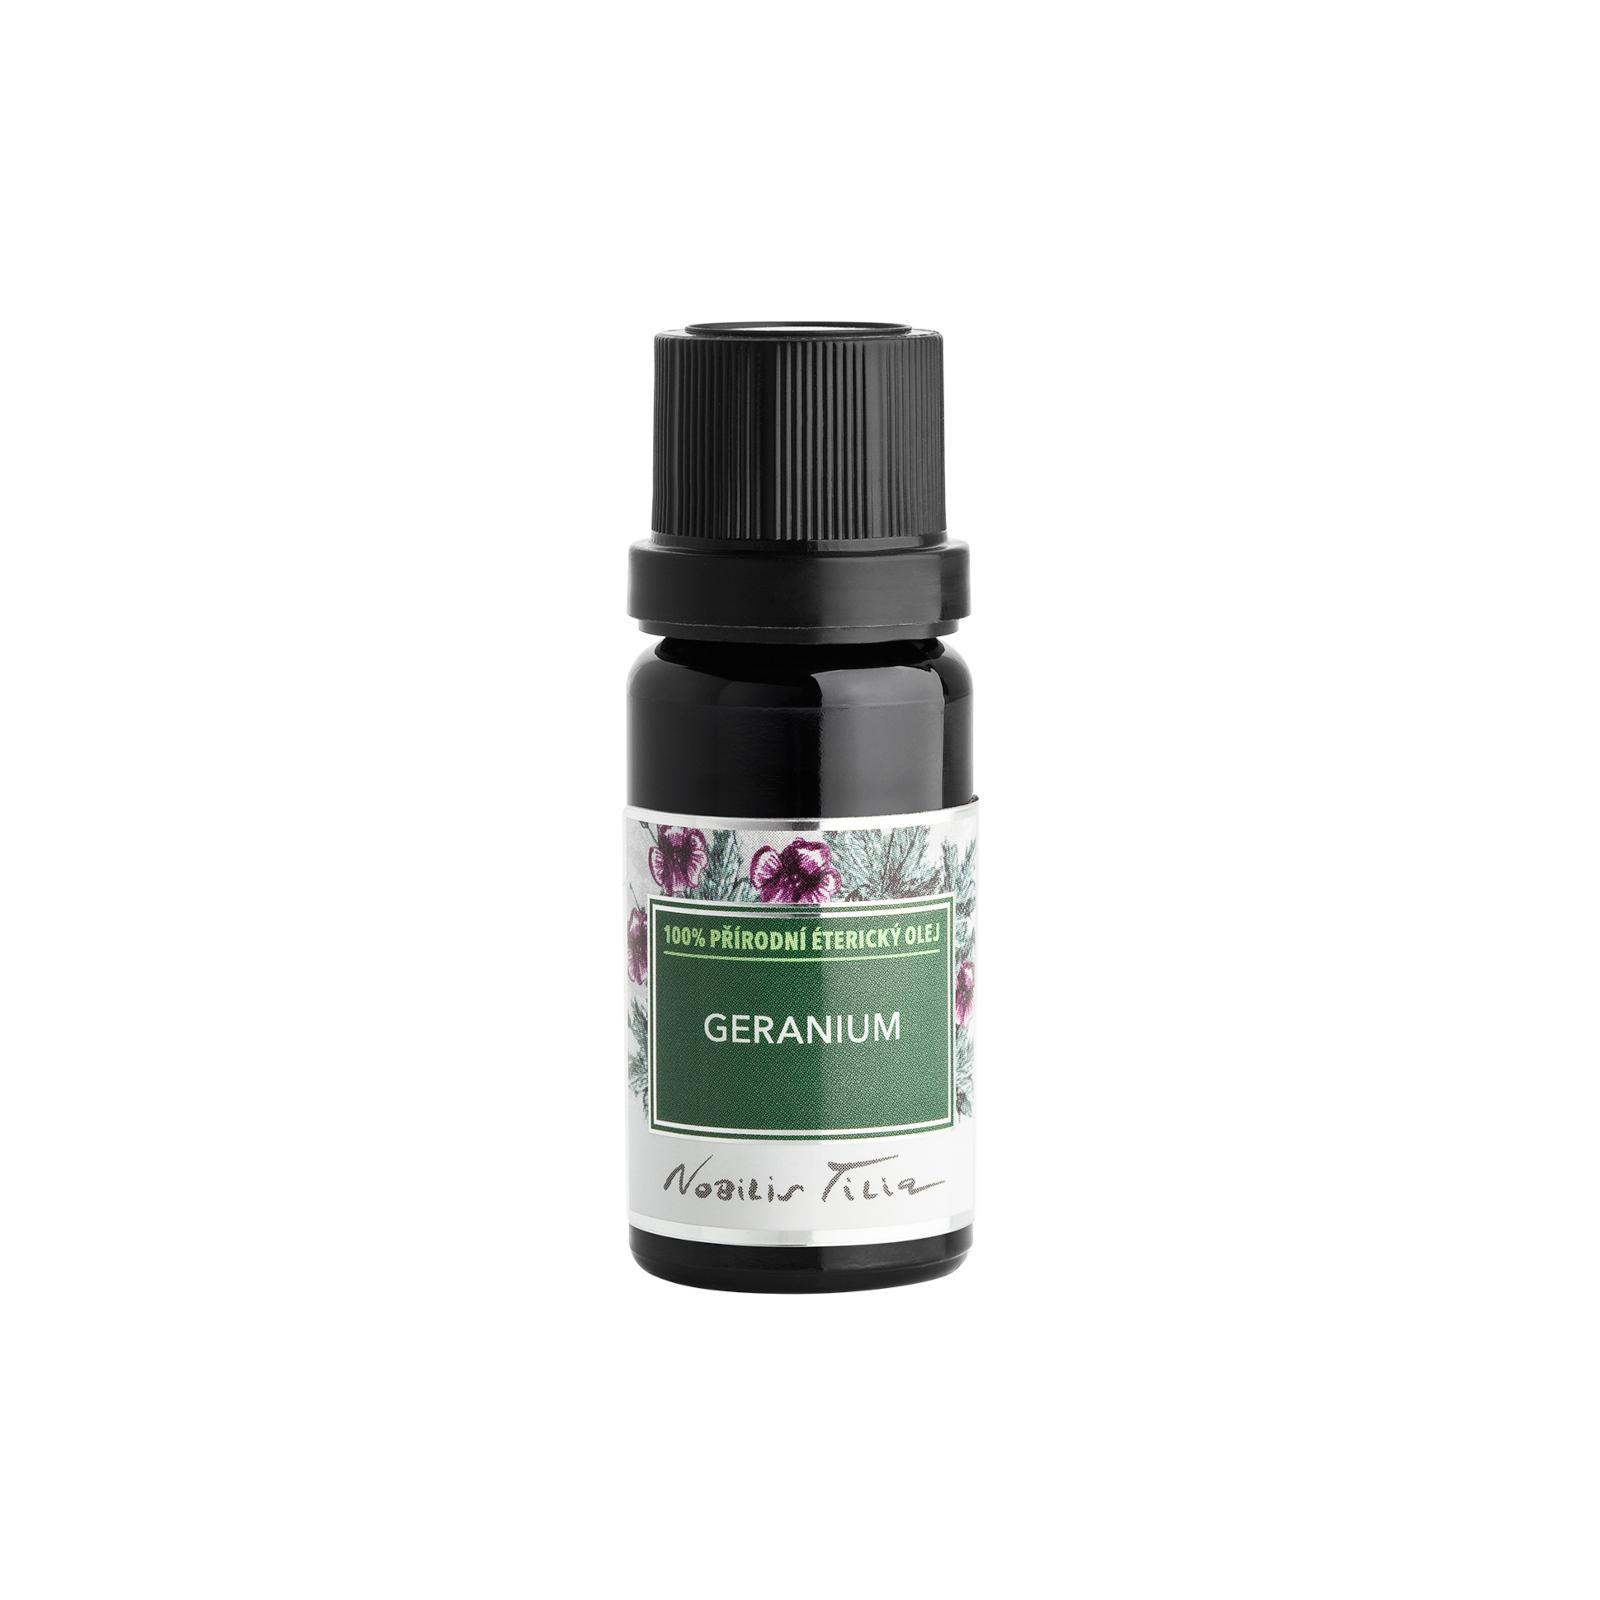 Nobilis Tilia Geranium 5 ml